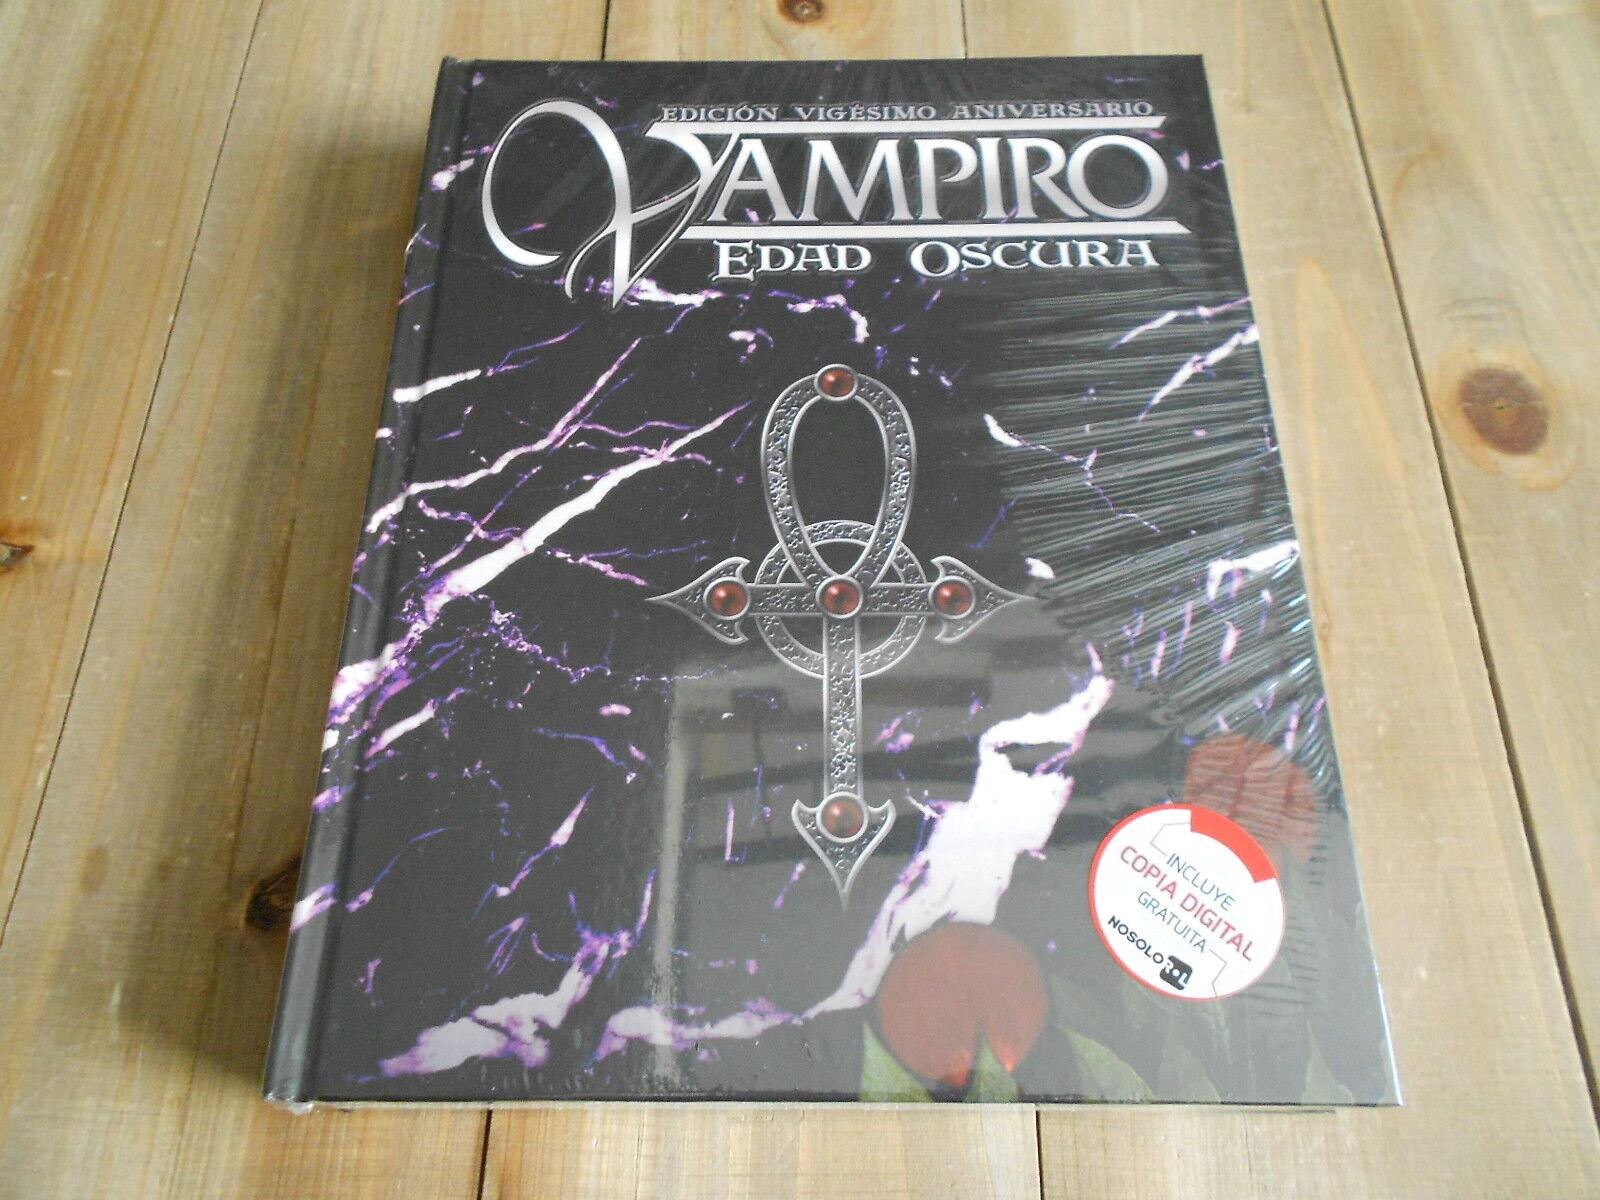 Vampiro EDAD OSCURA - Básico - juego de rol - Nosolgoldl - 20 Aniversario